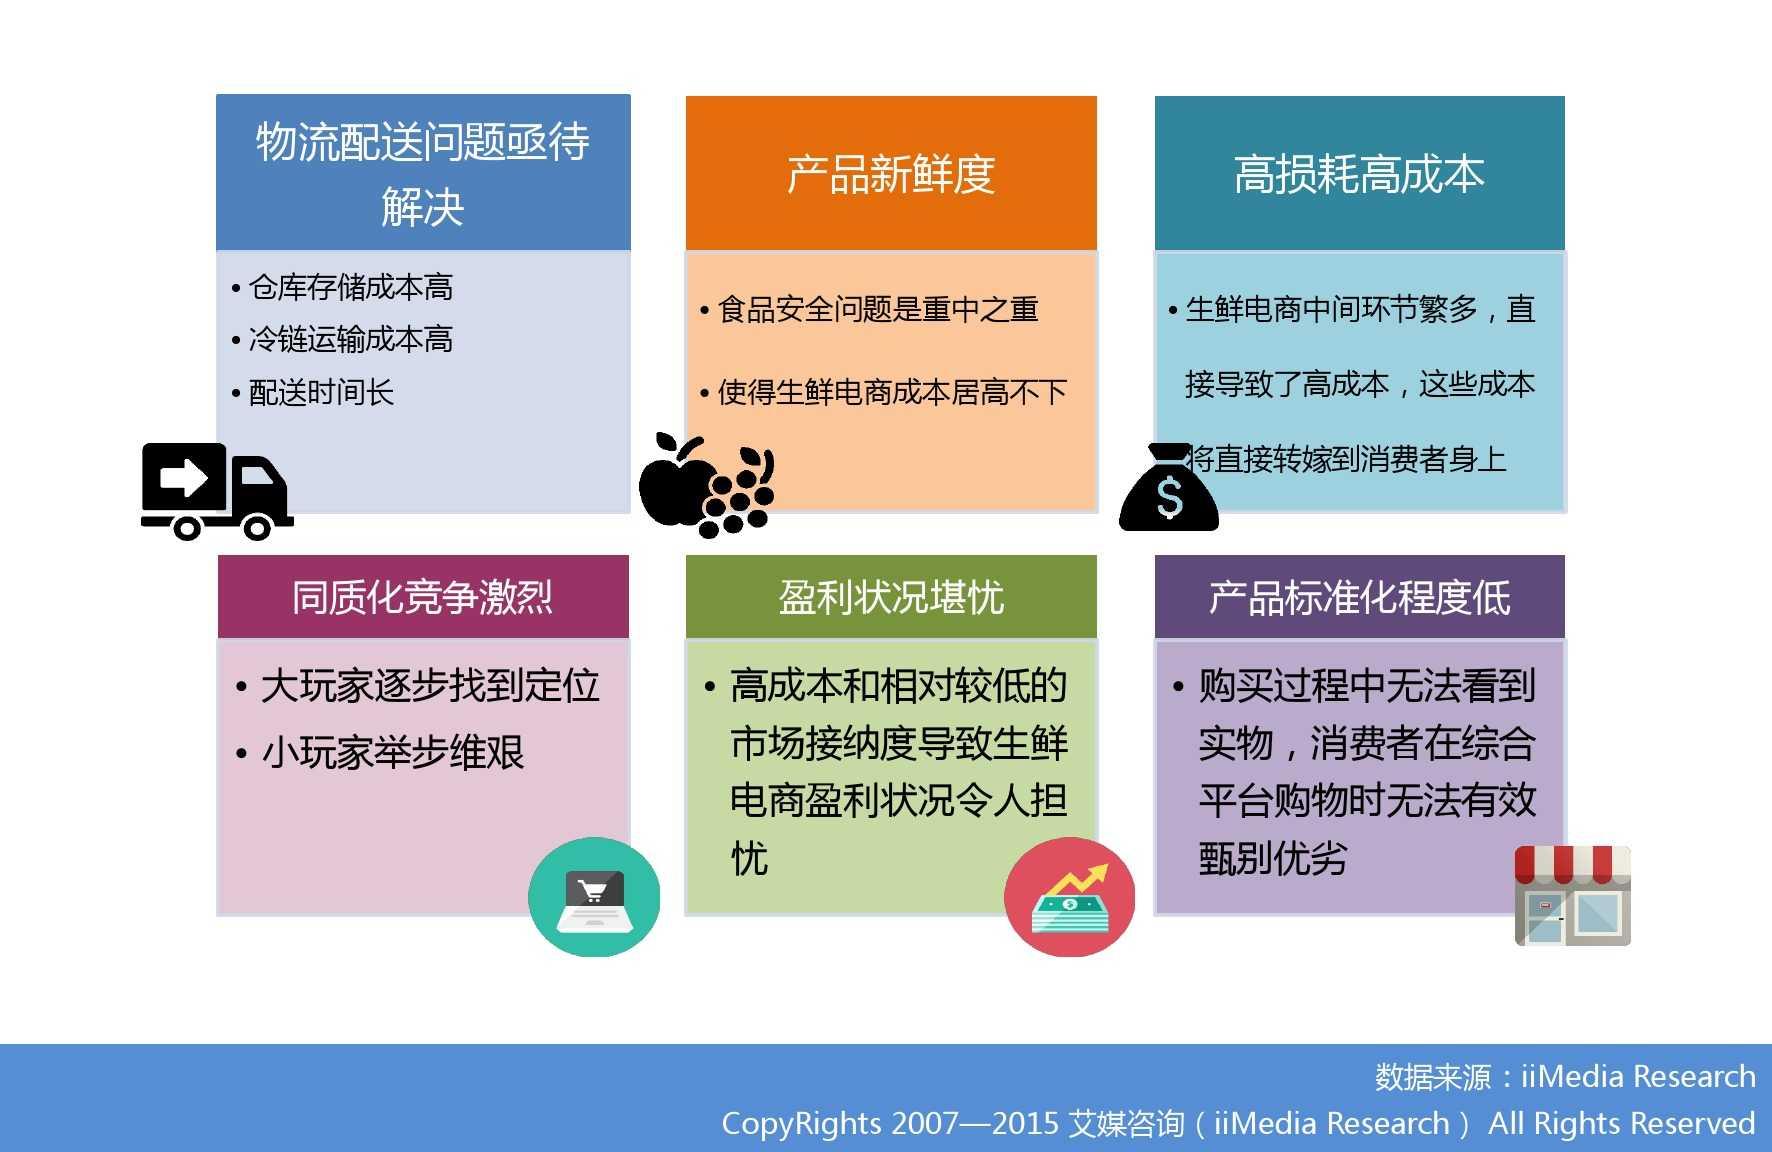 艾媒咨询:2015年中国生鲜电商市场研究报告_000031